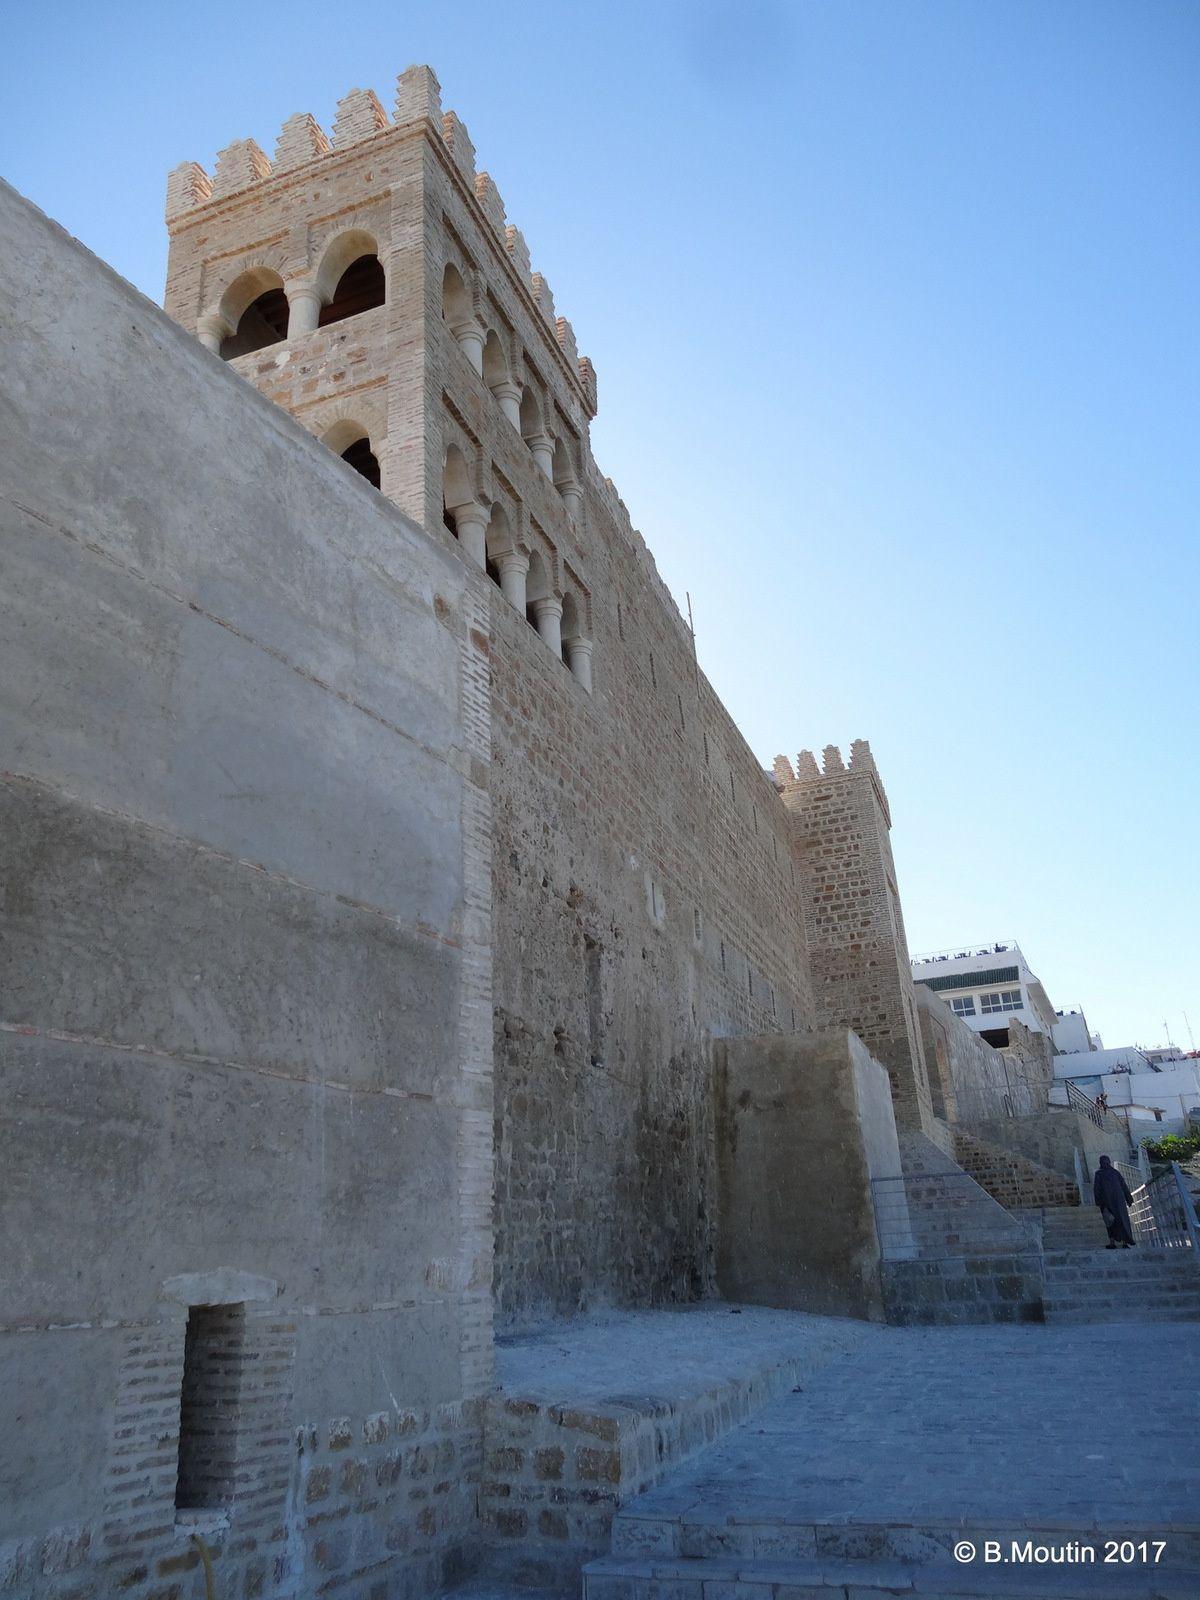 La reconstruction du château d'YORK à Tanger vue sous différents angles (5 photos)